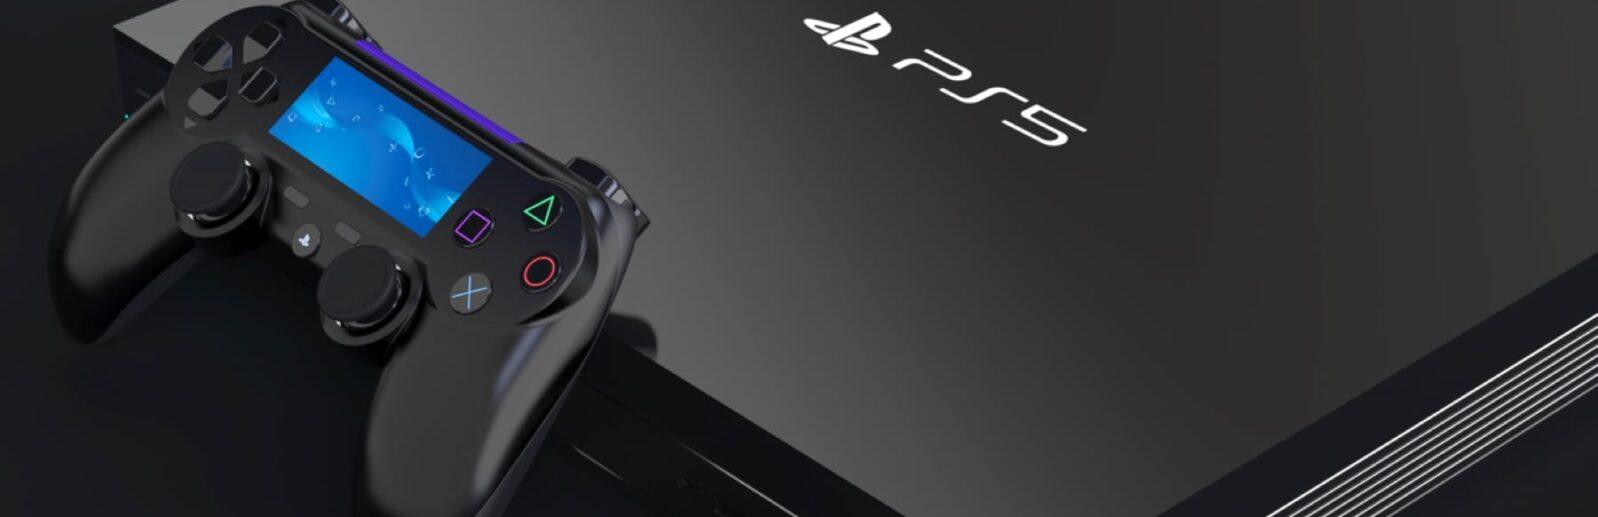 Sony Playstation PS5 купить